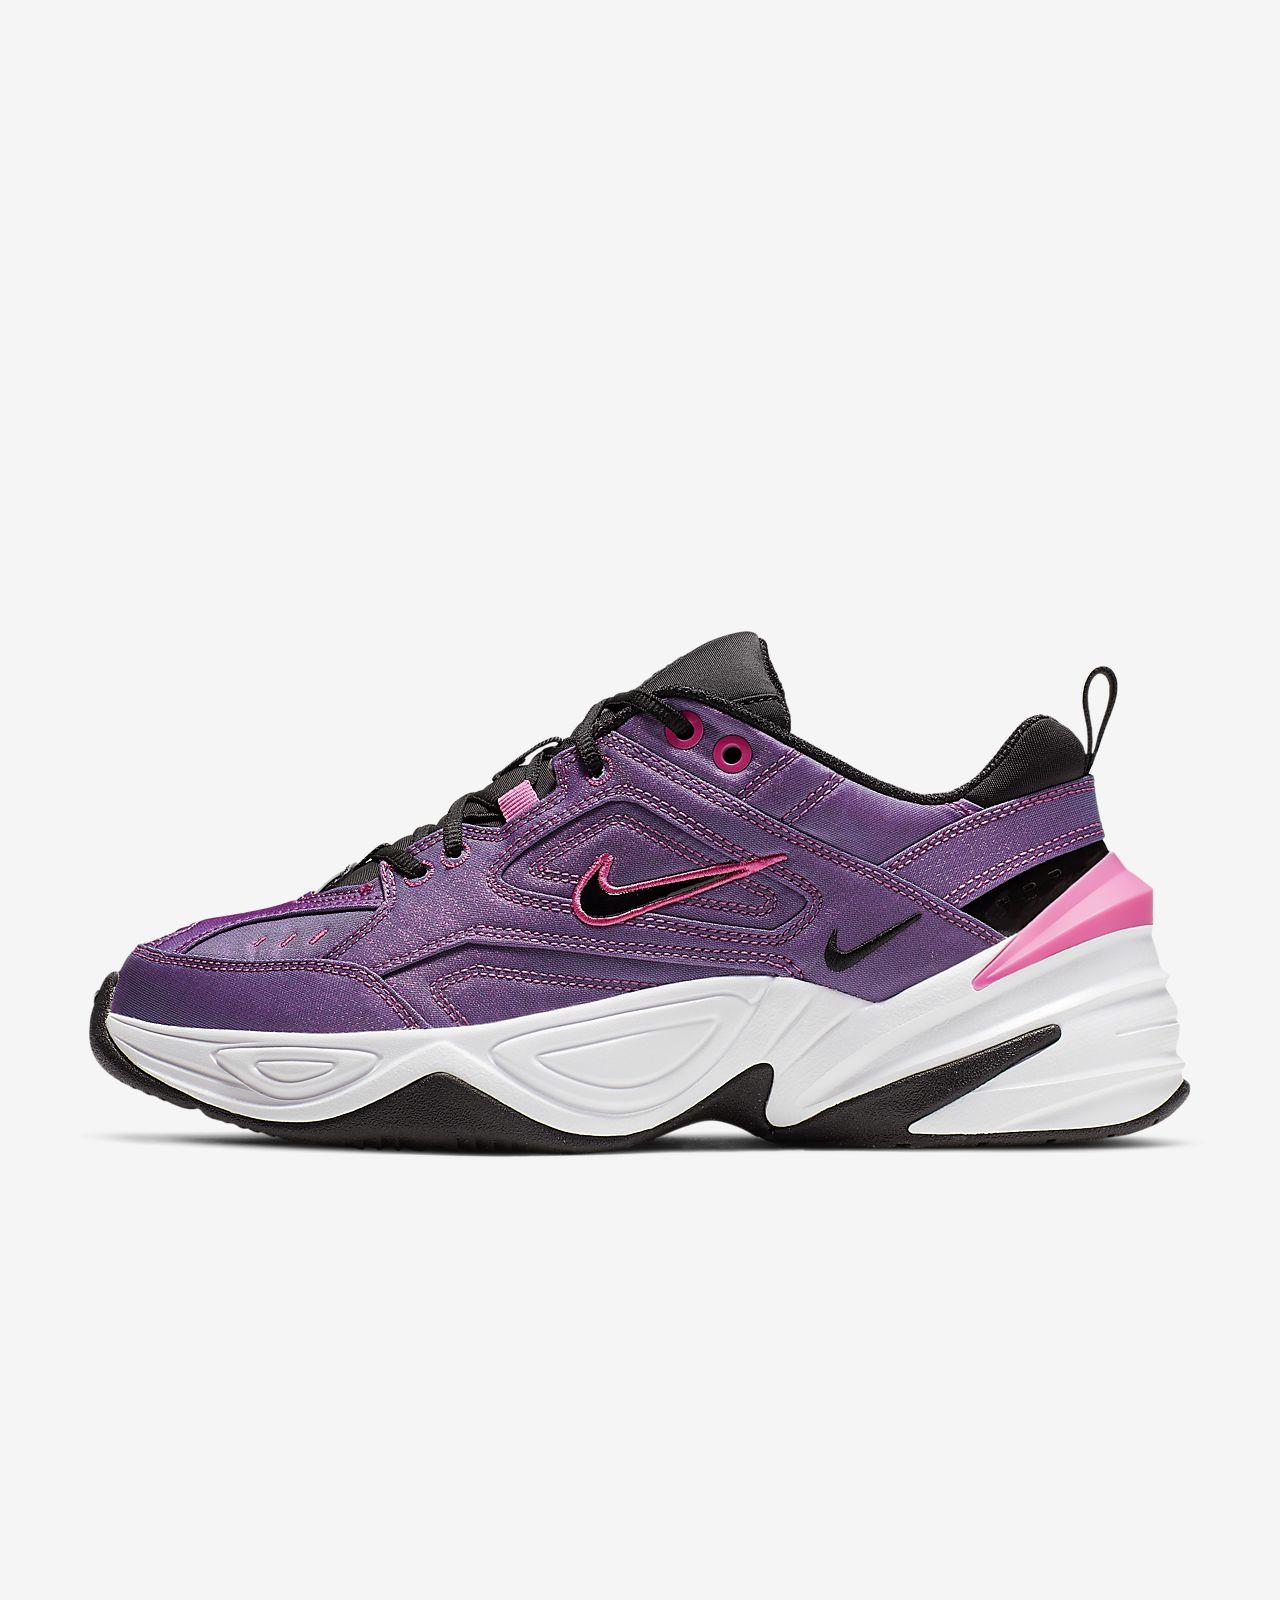 dff5fdd327e9 Nike M2K Tekno SE Women's Shoe. Nike.com VN